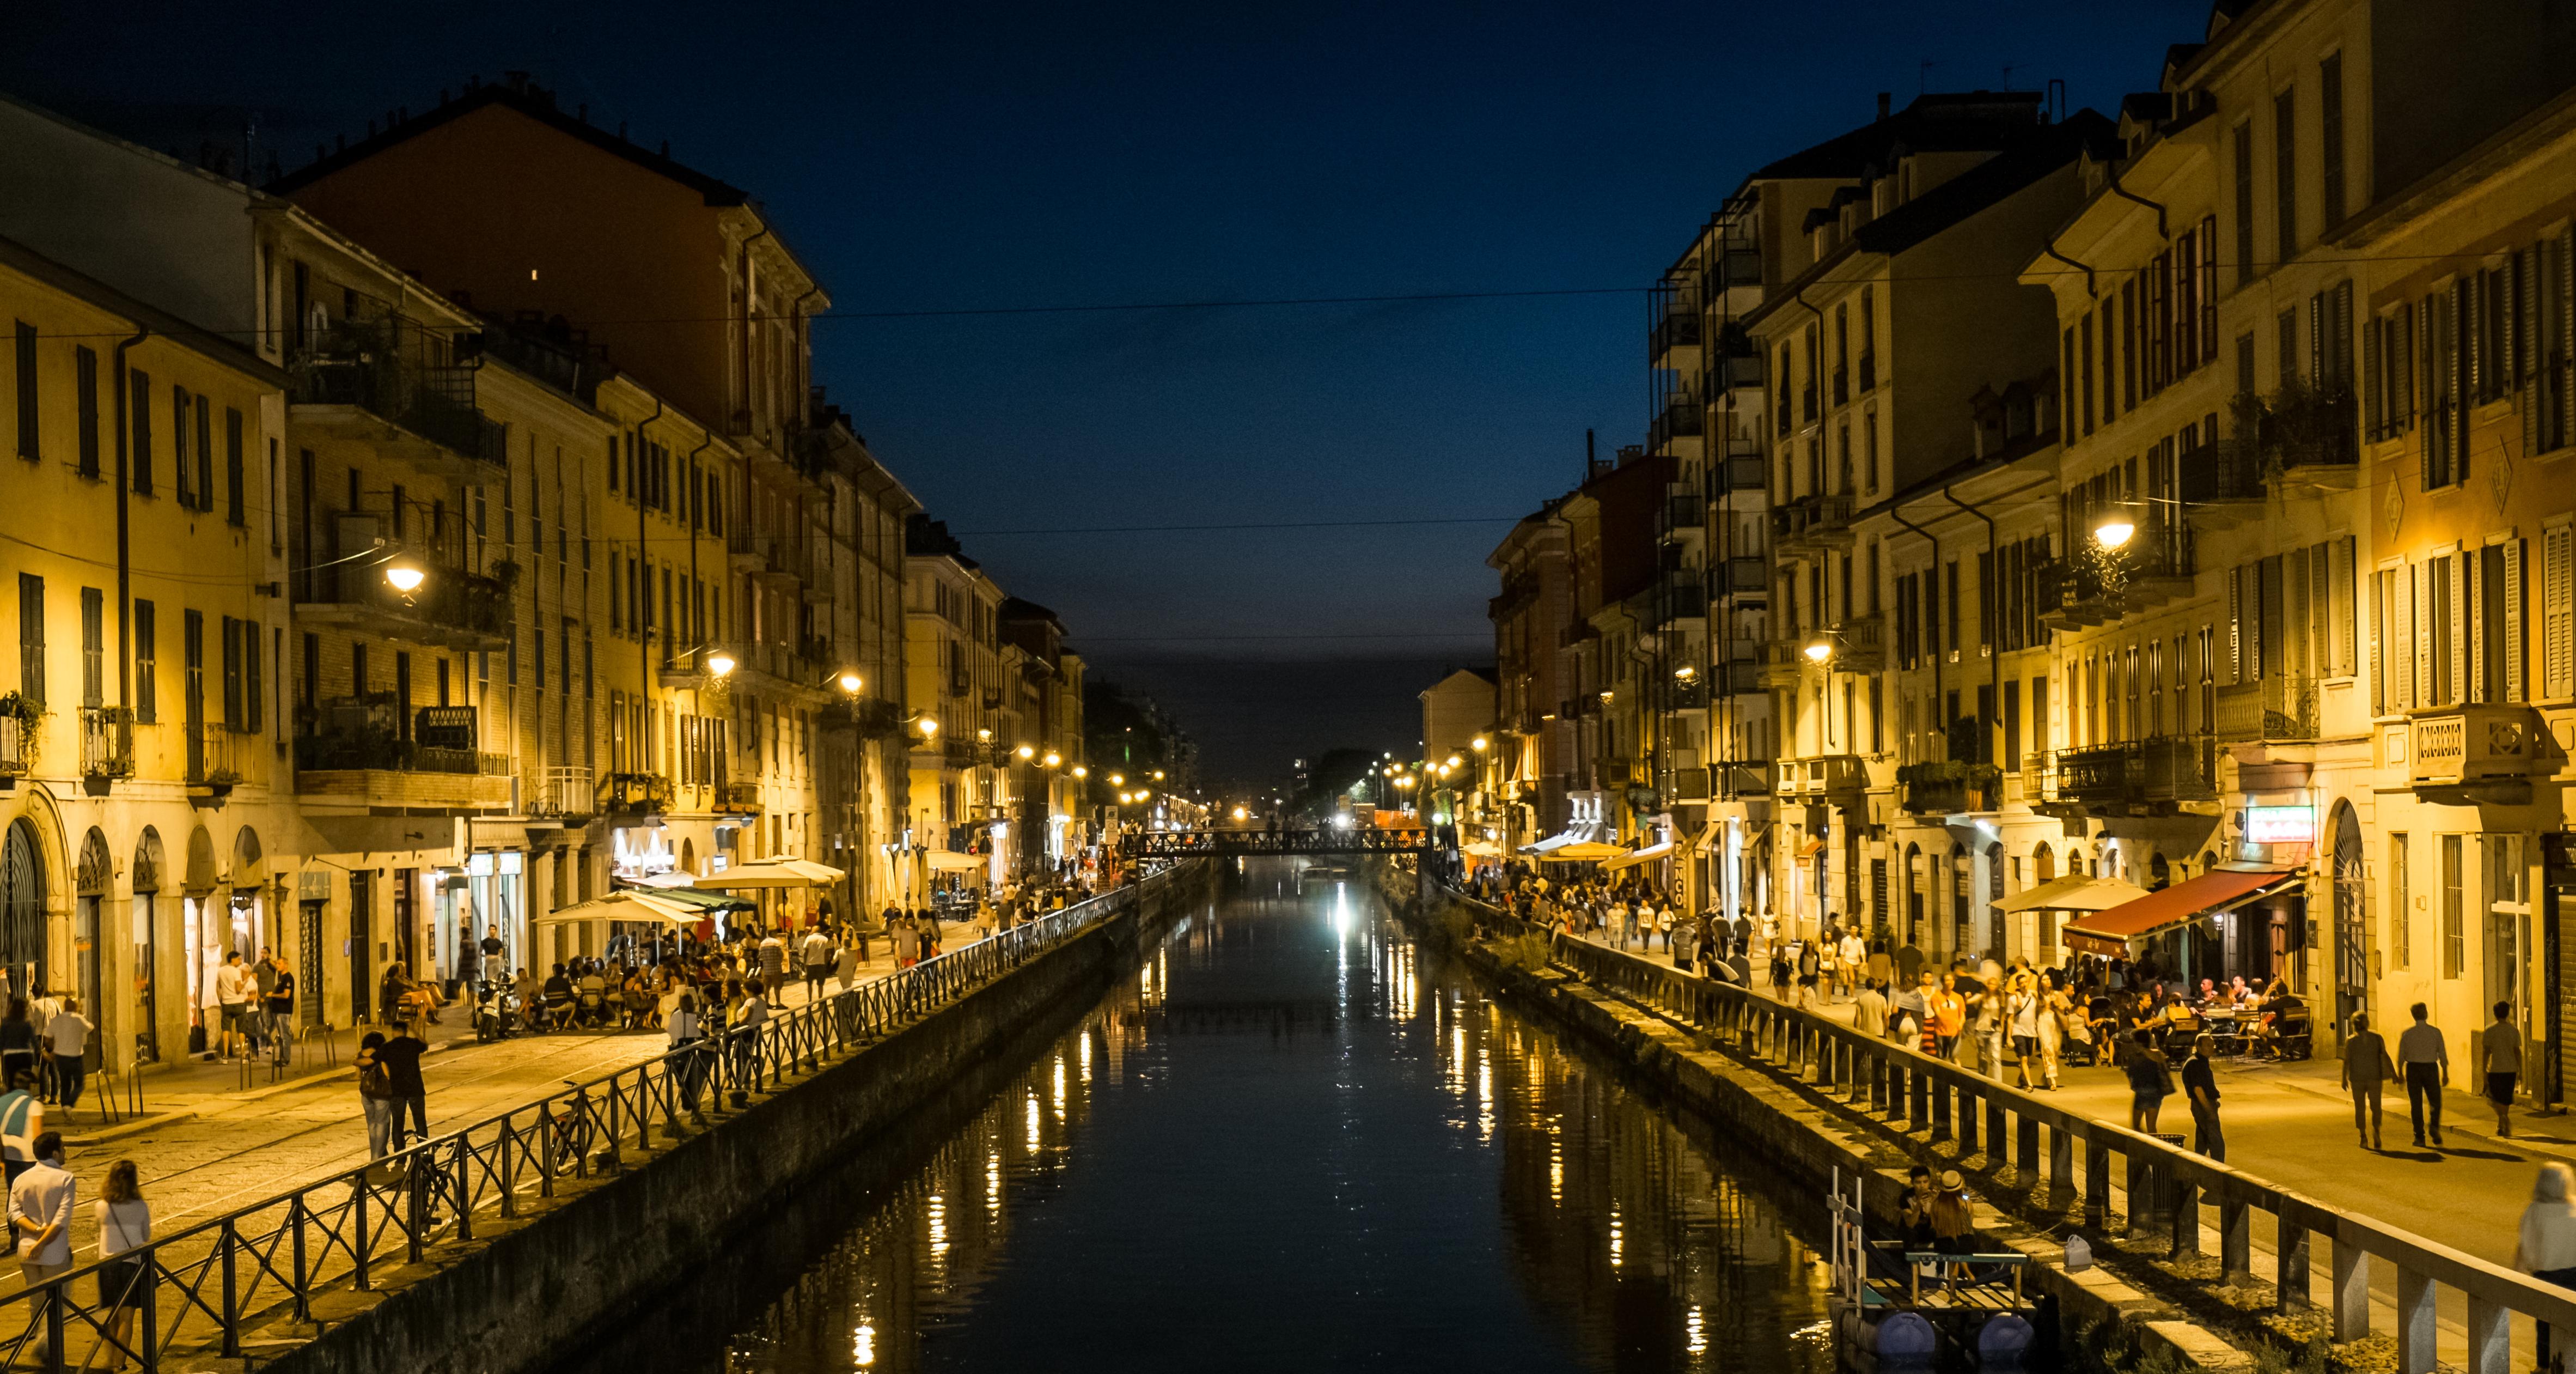 Milán, experiencias imprescindibles. Barrio Navigli.